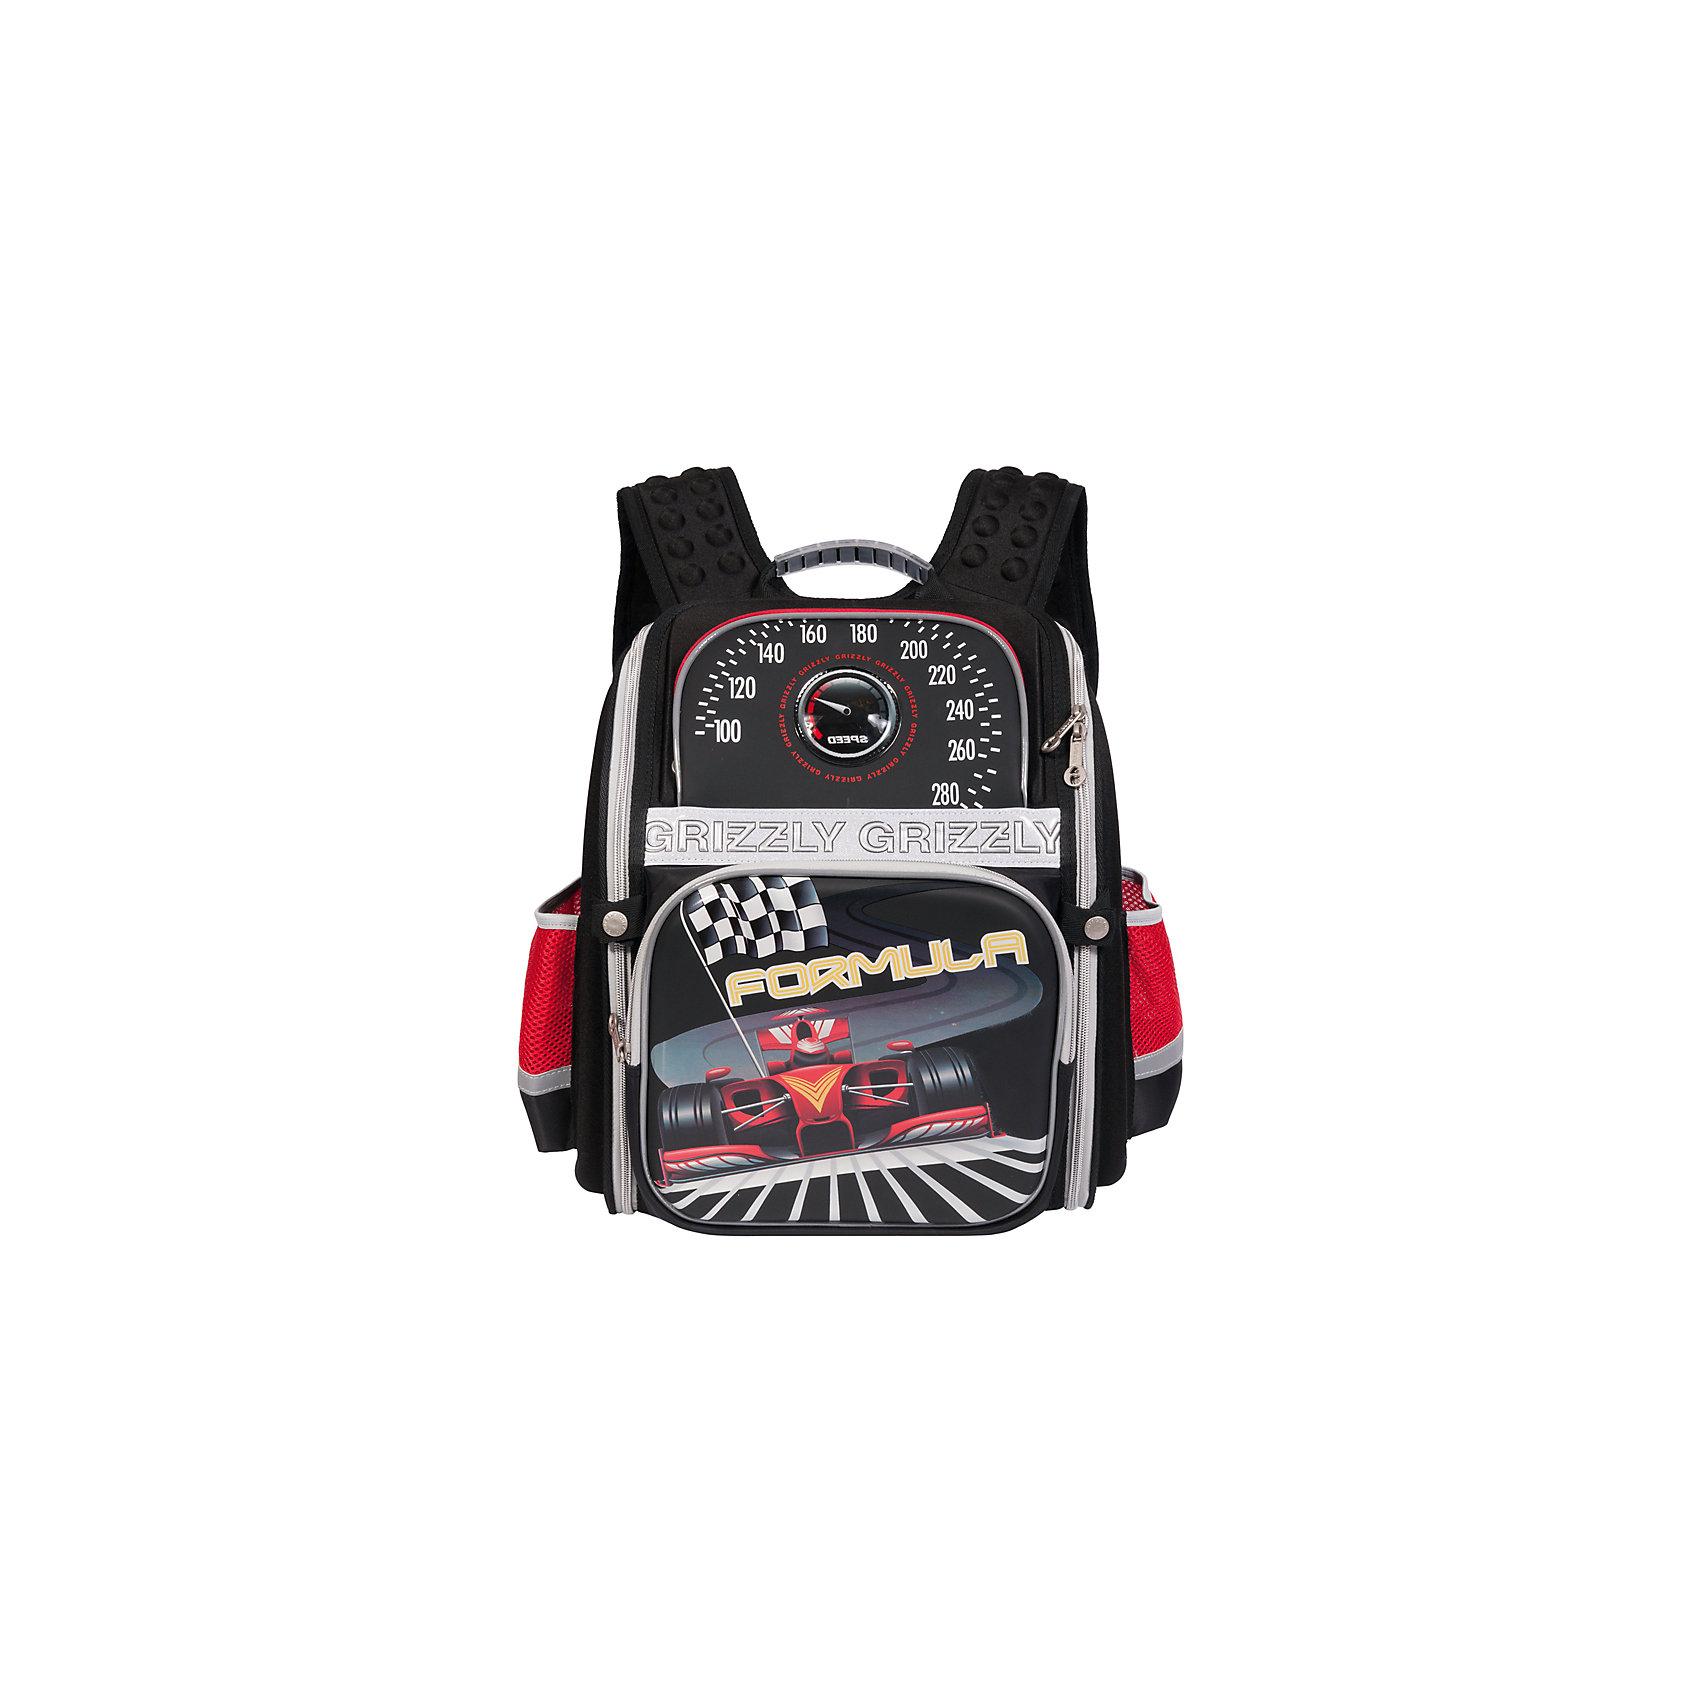 Рюкзак школьный Grizzly, черныйРанцы<br>Школьный рюкзак, черный, Grizzly (Гризли) ? рюкзак отечественного бренда Гризли школьной серии.  Рюкзак  выполнен из полиэстера и пластика высокого качества, что обеспечивает, с одной стороны, легкий вес, а с другой ? надежность и прочность. Все швы выполнены капроновыми нитками, что делает швы особенно крепкими и устойчивыми к износу даже в течение нескольких лет. <br>Внутреннее устройство рюкзака состоит из одного вместительного отсека, внутреннего кармана на молнии и внутреннего составного пенала-органайзера. На передней стенке имеются два объемных кармана, застегивающихся на молнию, по бокам – боковые карманы на застежке-молнии. Удобство и эргономичность рюкзака создается за счет жесткой анатомической спинки, укрепленных лямок и мягкой укрепленной ручки. Также имеется дополнительная ручка-петля. С четырех сторон рюкзака имеются светоотражающие элементы и нашивка с мигающими огнями. В комплекте с рюкзаком идет игрушка-брелок. Уникальность рюкзаков Grizzly заключается в том, что анатомическая спинка изготовлена из специальной ткани, которая пропускает воздух, тем самым защищает спину от повышенного потоотделения.<br>Все рюкзаки школьной серии Grizzly (Гризли) имеют оригинальный современный дизайн. Школьный рюкзак, черный, Grizzly (Гризли) выполнен в черном цвете с яркими разноцветными элементами. Передняя стенка украшена яркими рисунками спортивной тематики.<br>Школьный рюкзак, черный, Grizzly (Гризли) ? это качество материалов, удобство, стиль и долговечность использования. <br><br>Дополнительная информация:<br><br>- Вес: 800 г<br>- Габариты (Д*Г*В): 30*16*37 см<br>- Цвет: черный, красный, серый, желтый<br>- Материал: полиэстер, пластик <br>- Сезон: круглый год<br>- Коллекция: школьная <br>- Год коллекции: 2016 <br>- Пол: мужской<br>- Предназначение: для школы<br>- Особенности ухода: можно чистить влажной щеткой или губкой, допускается ручная стирка<br><br>Подробнее:<br><br>• Для школьников в возрасте: от 6 лет и до 10 лет<